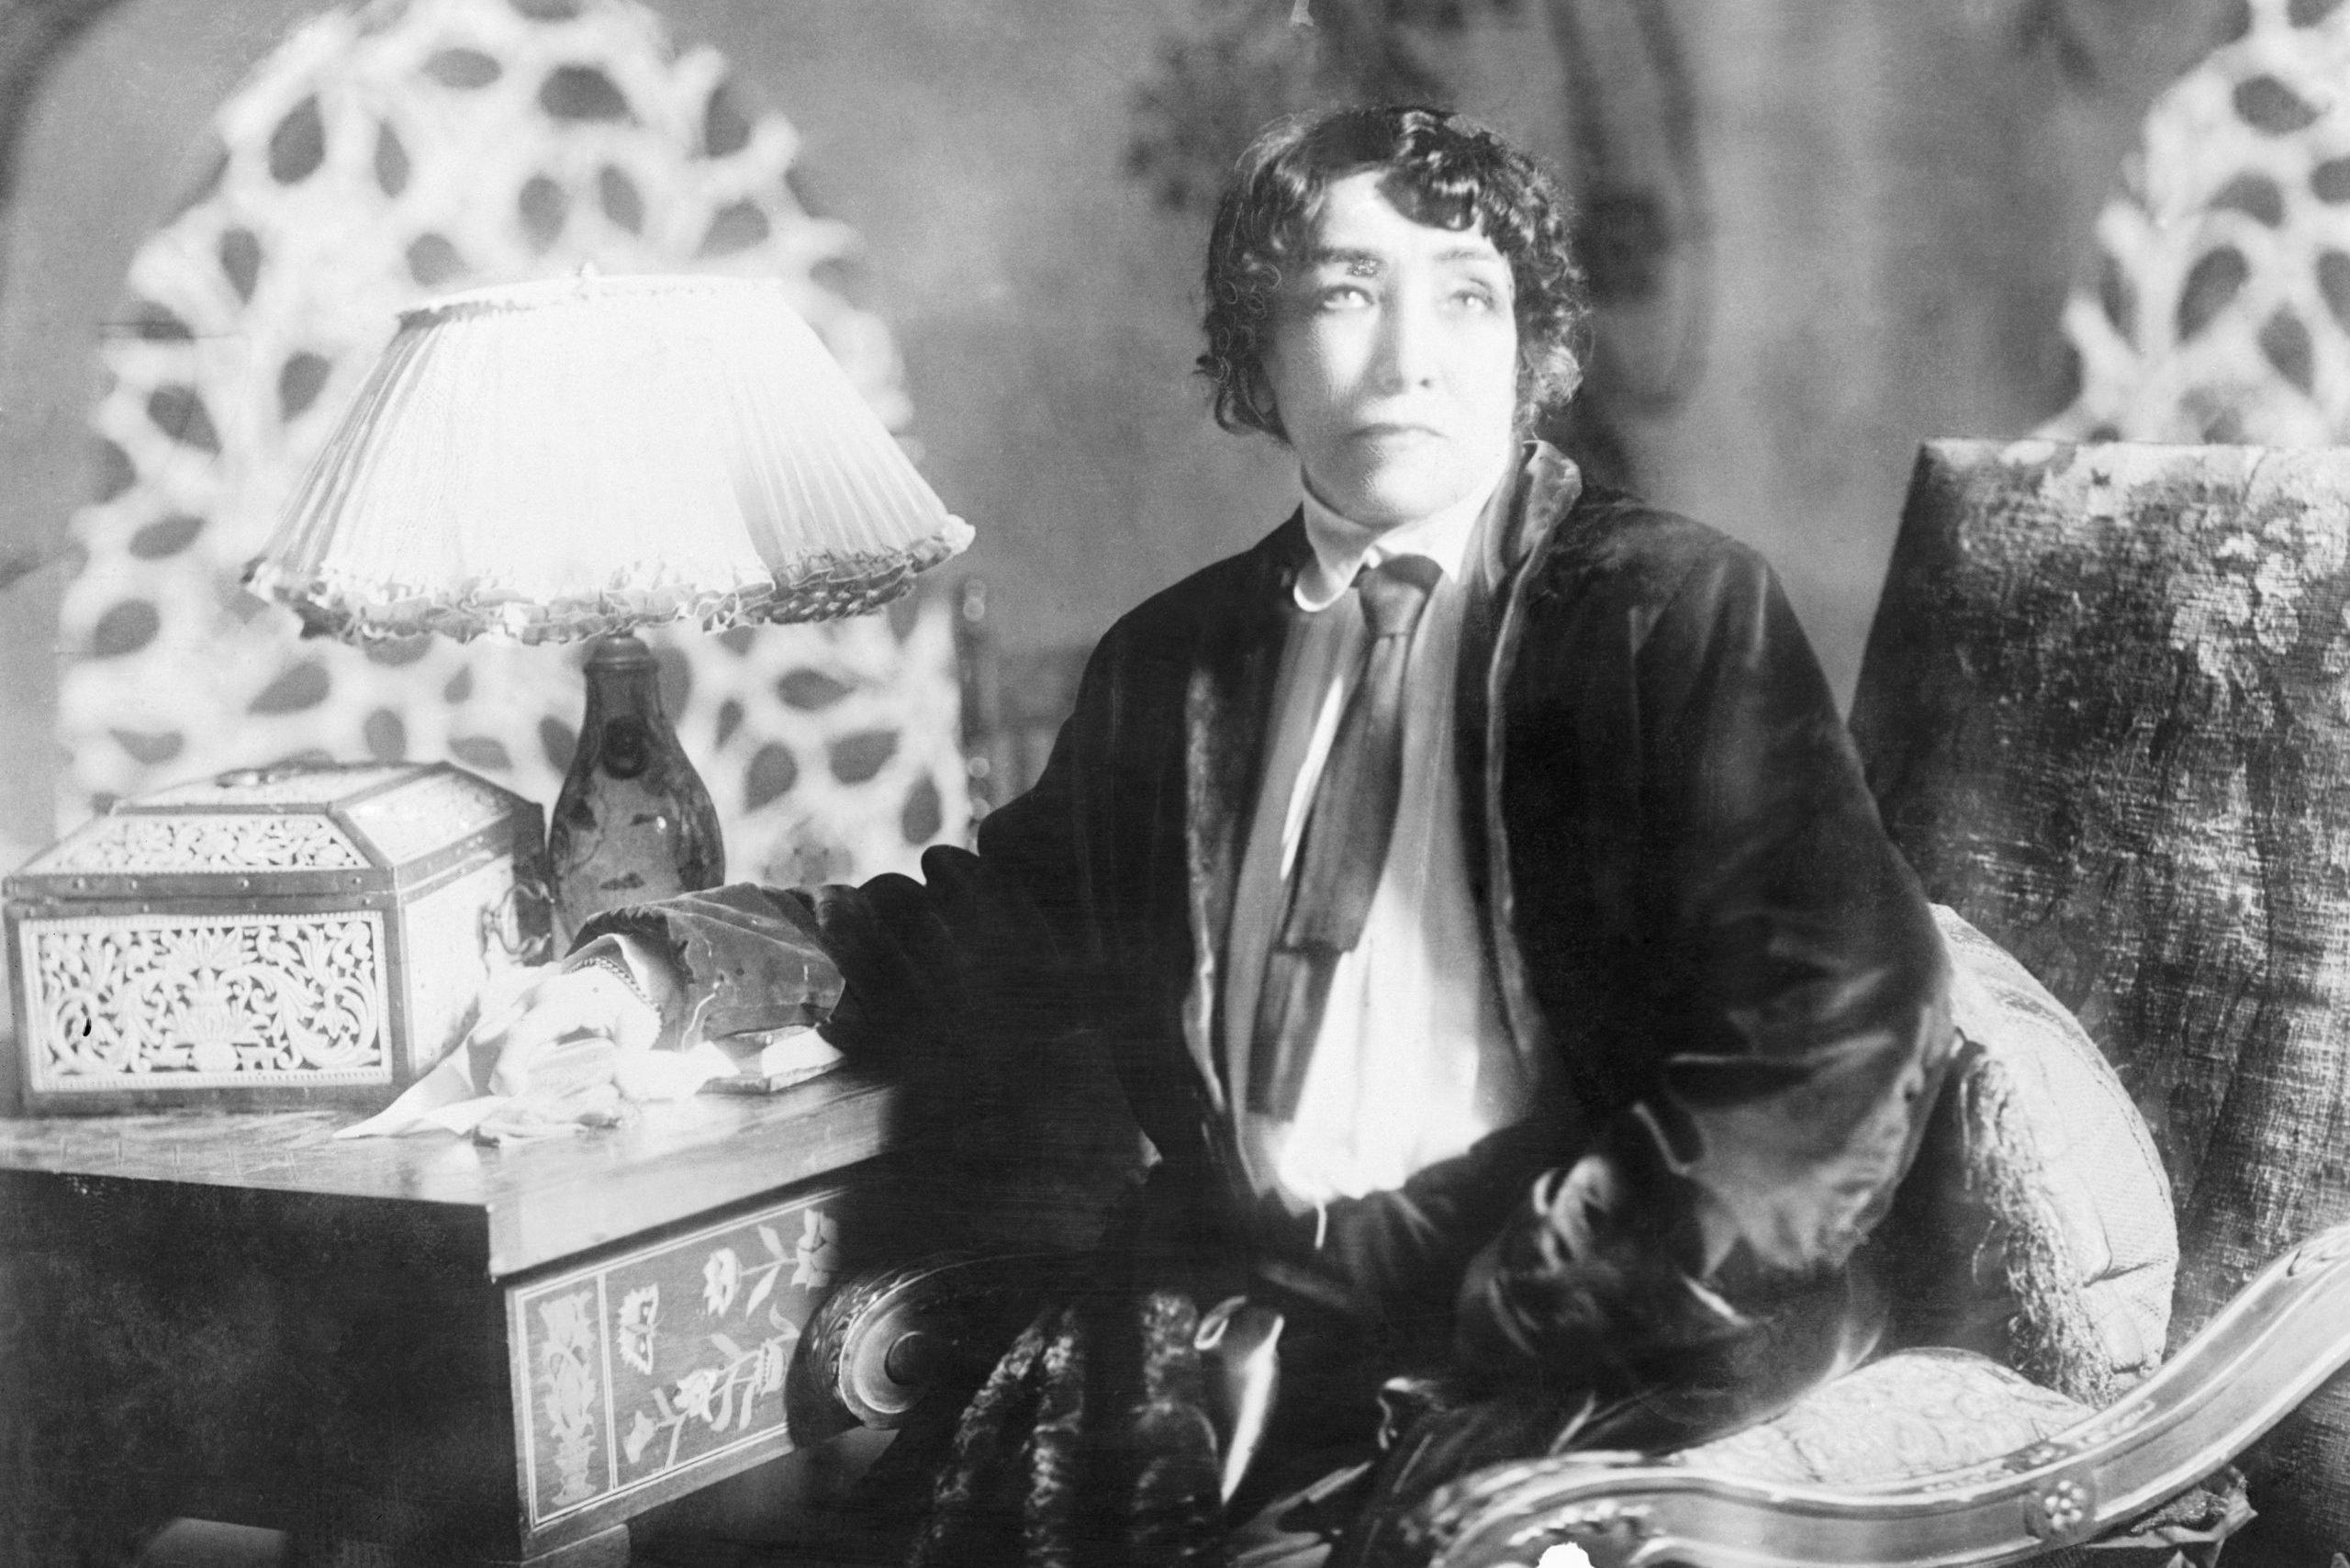 Actress Sarah Bernhardt in her dressing room